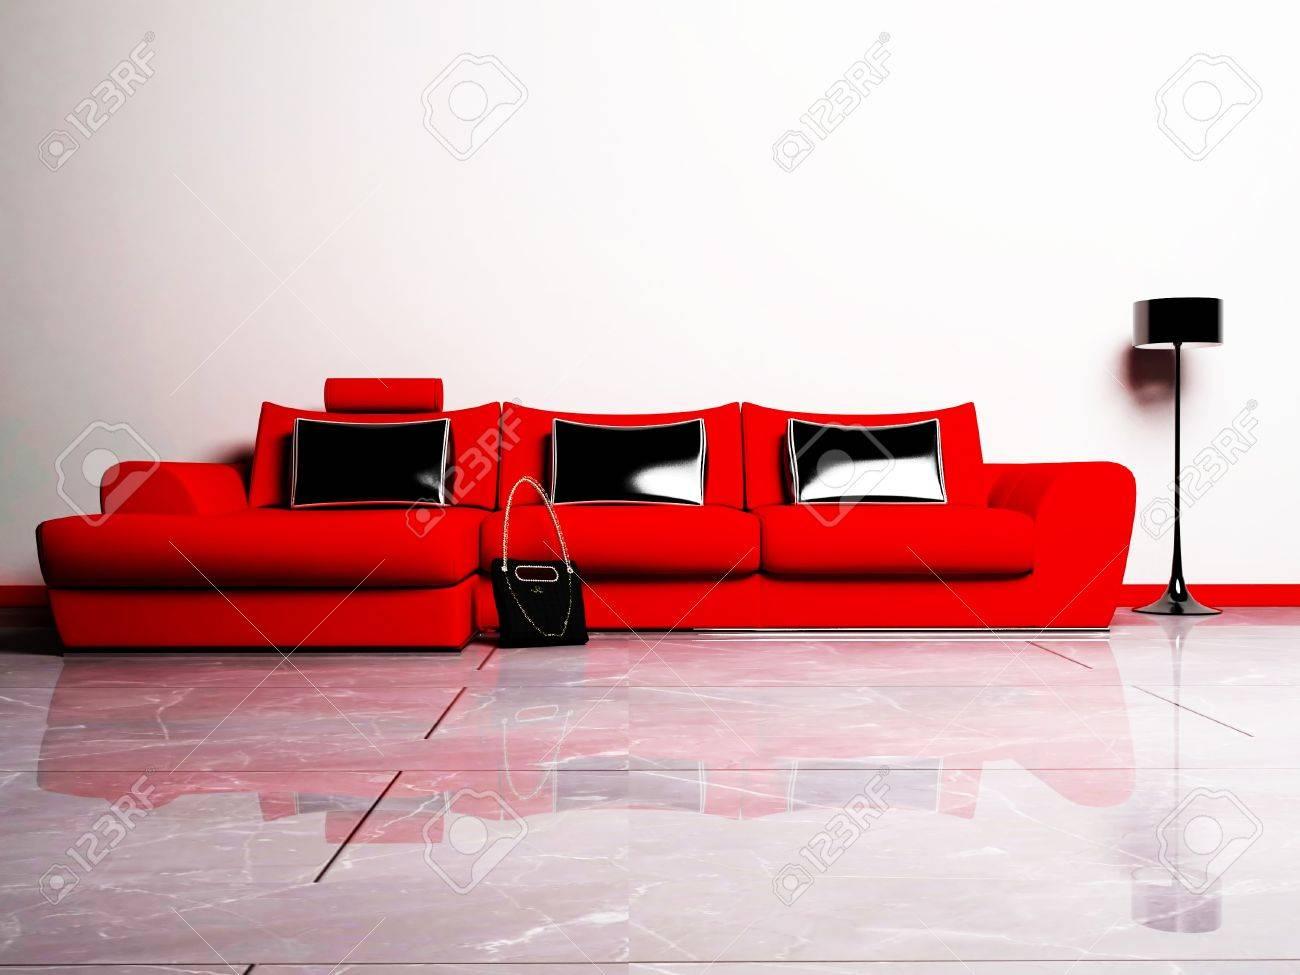 Moderne Interieur Van Een Woonkamer Met Een Rode Bank, Een Tas En ...